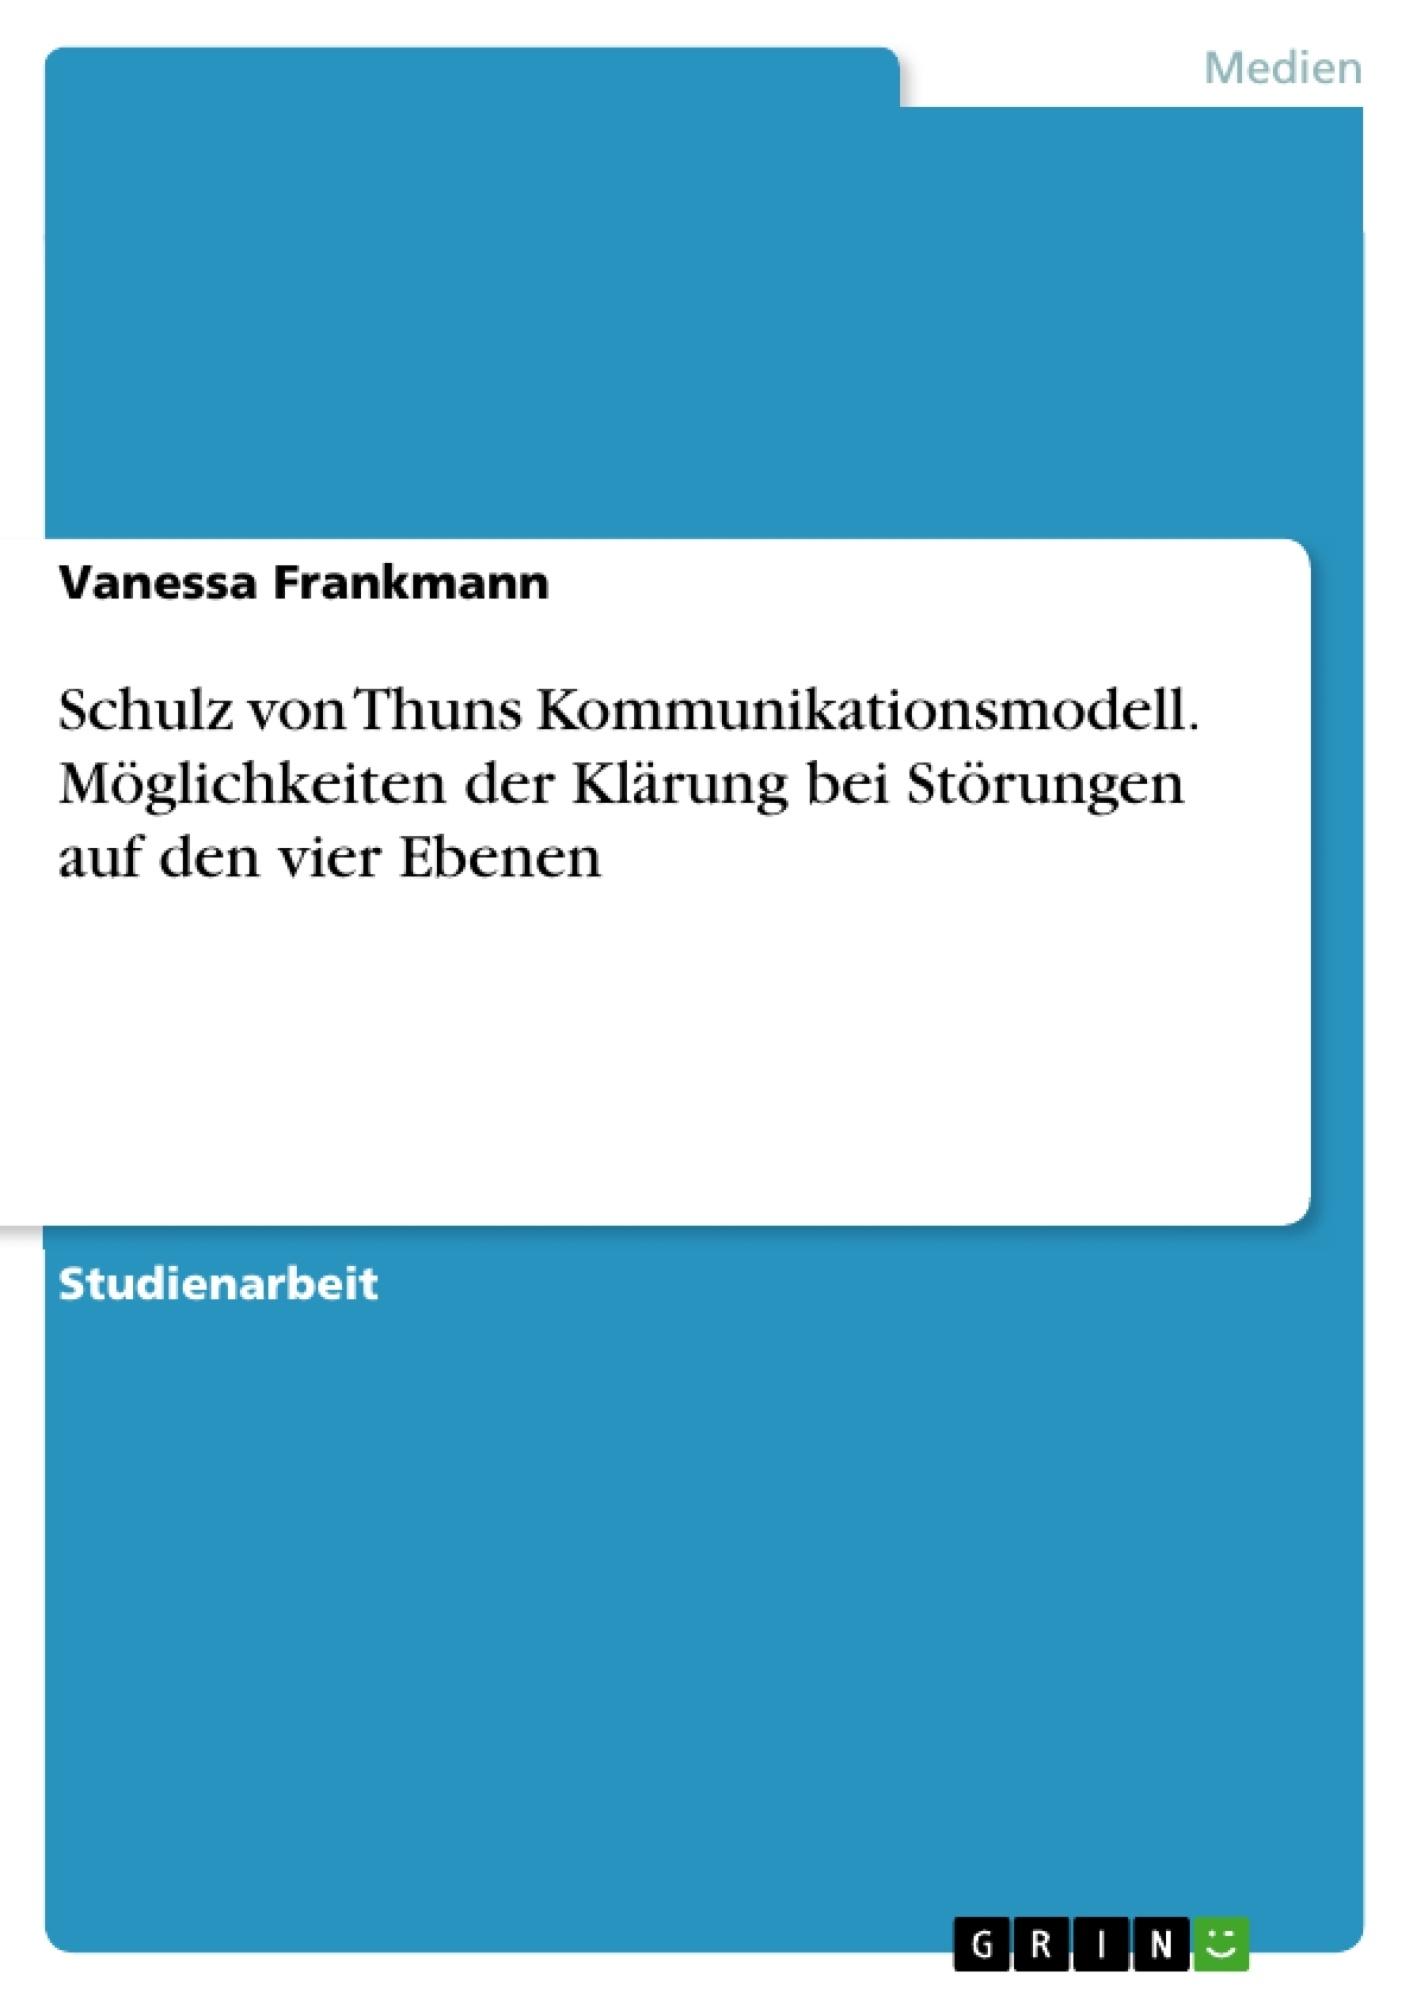 Titel: Schulz von Thuns Kommunikationsmodell. Möglichkeiten der Klärung bei Störungen auf den vier Ebenen